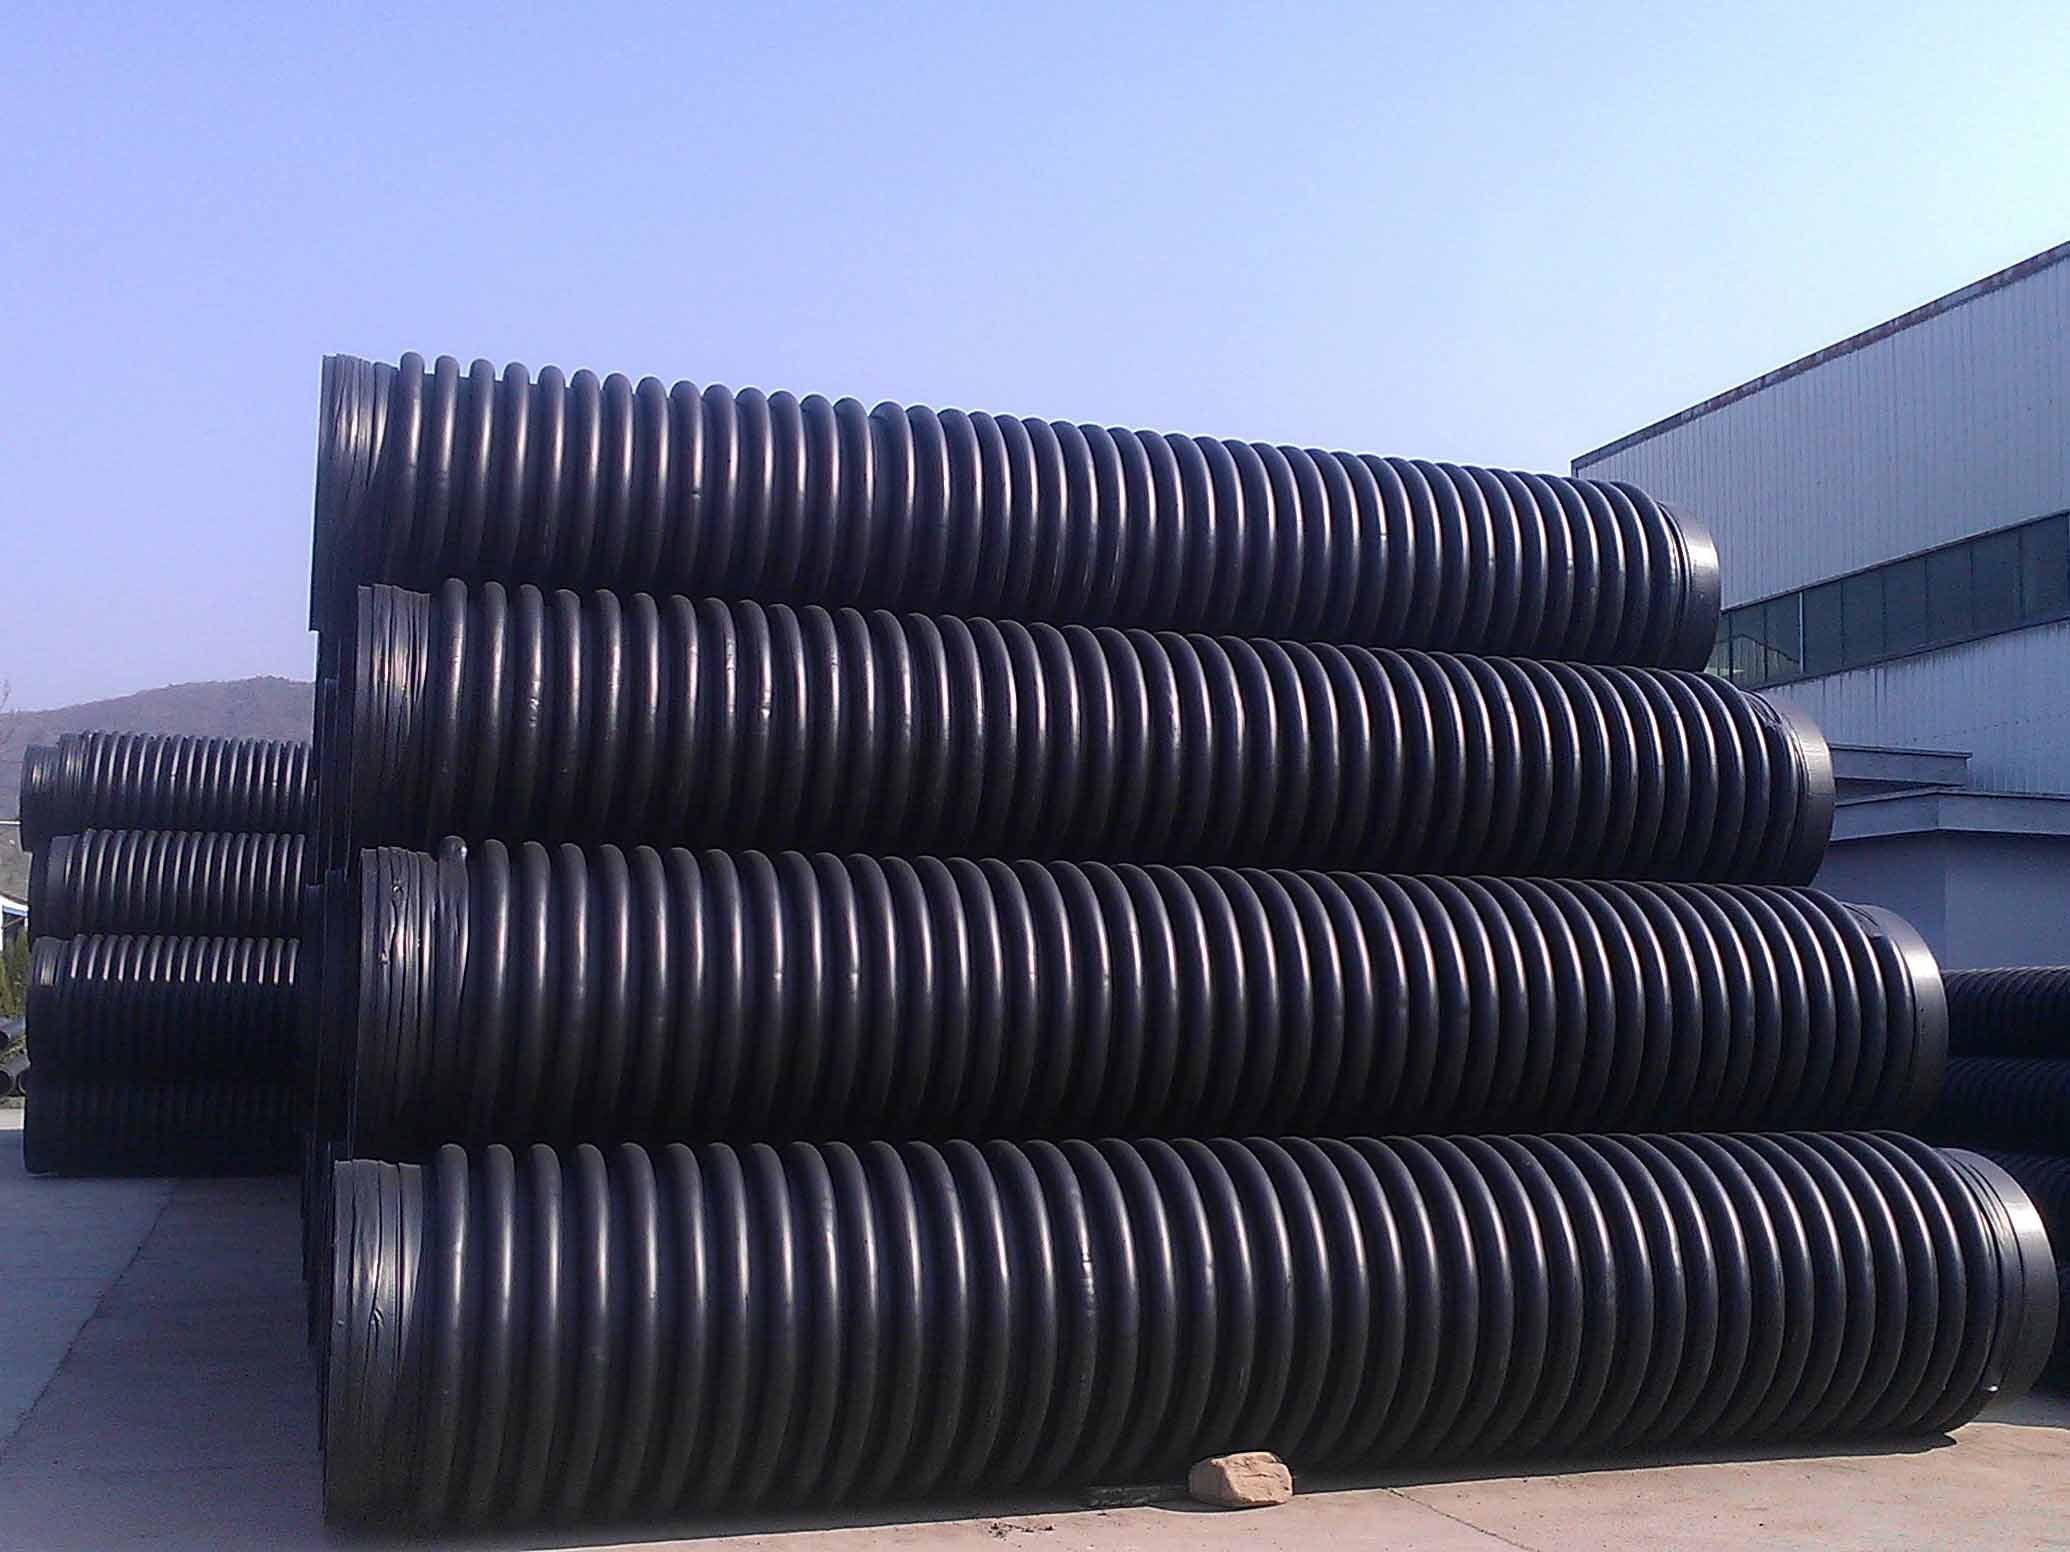 乐山聚乙烯缠绕结构壁C型管